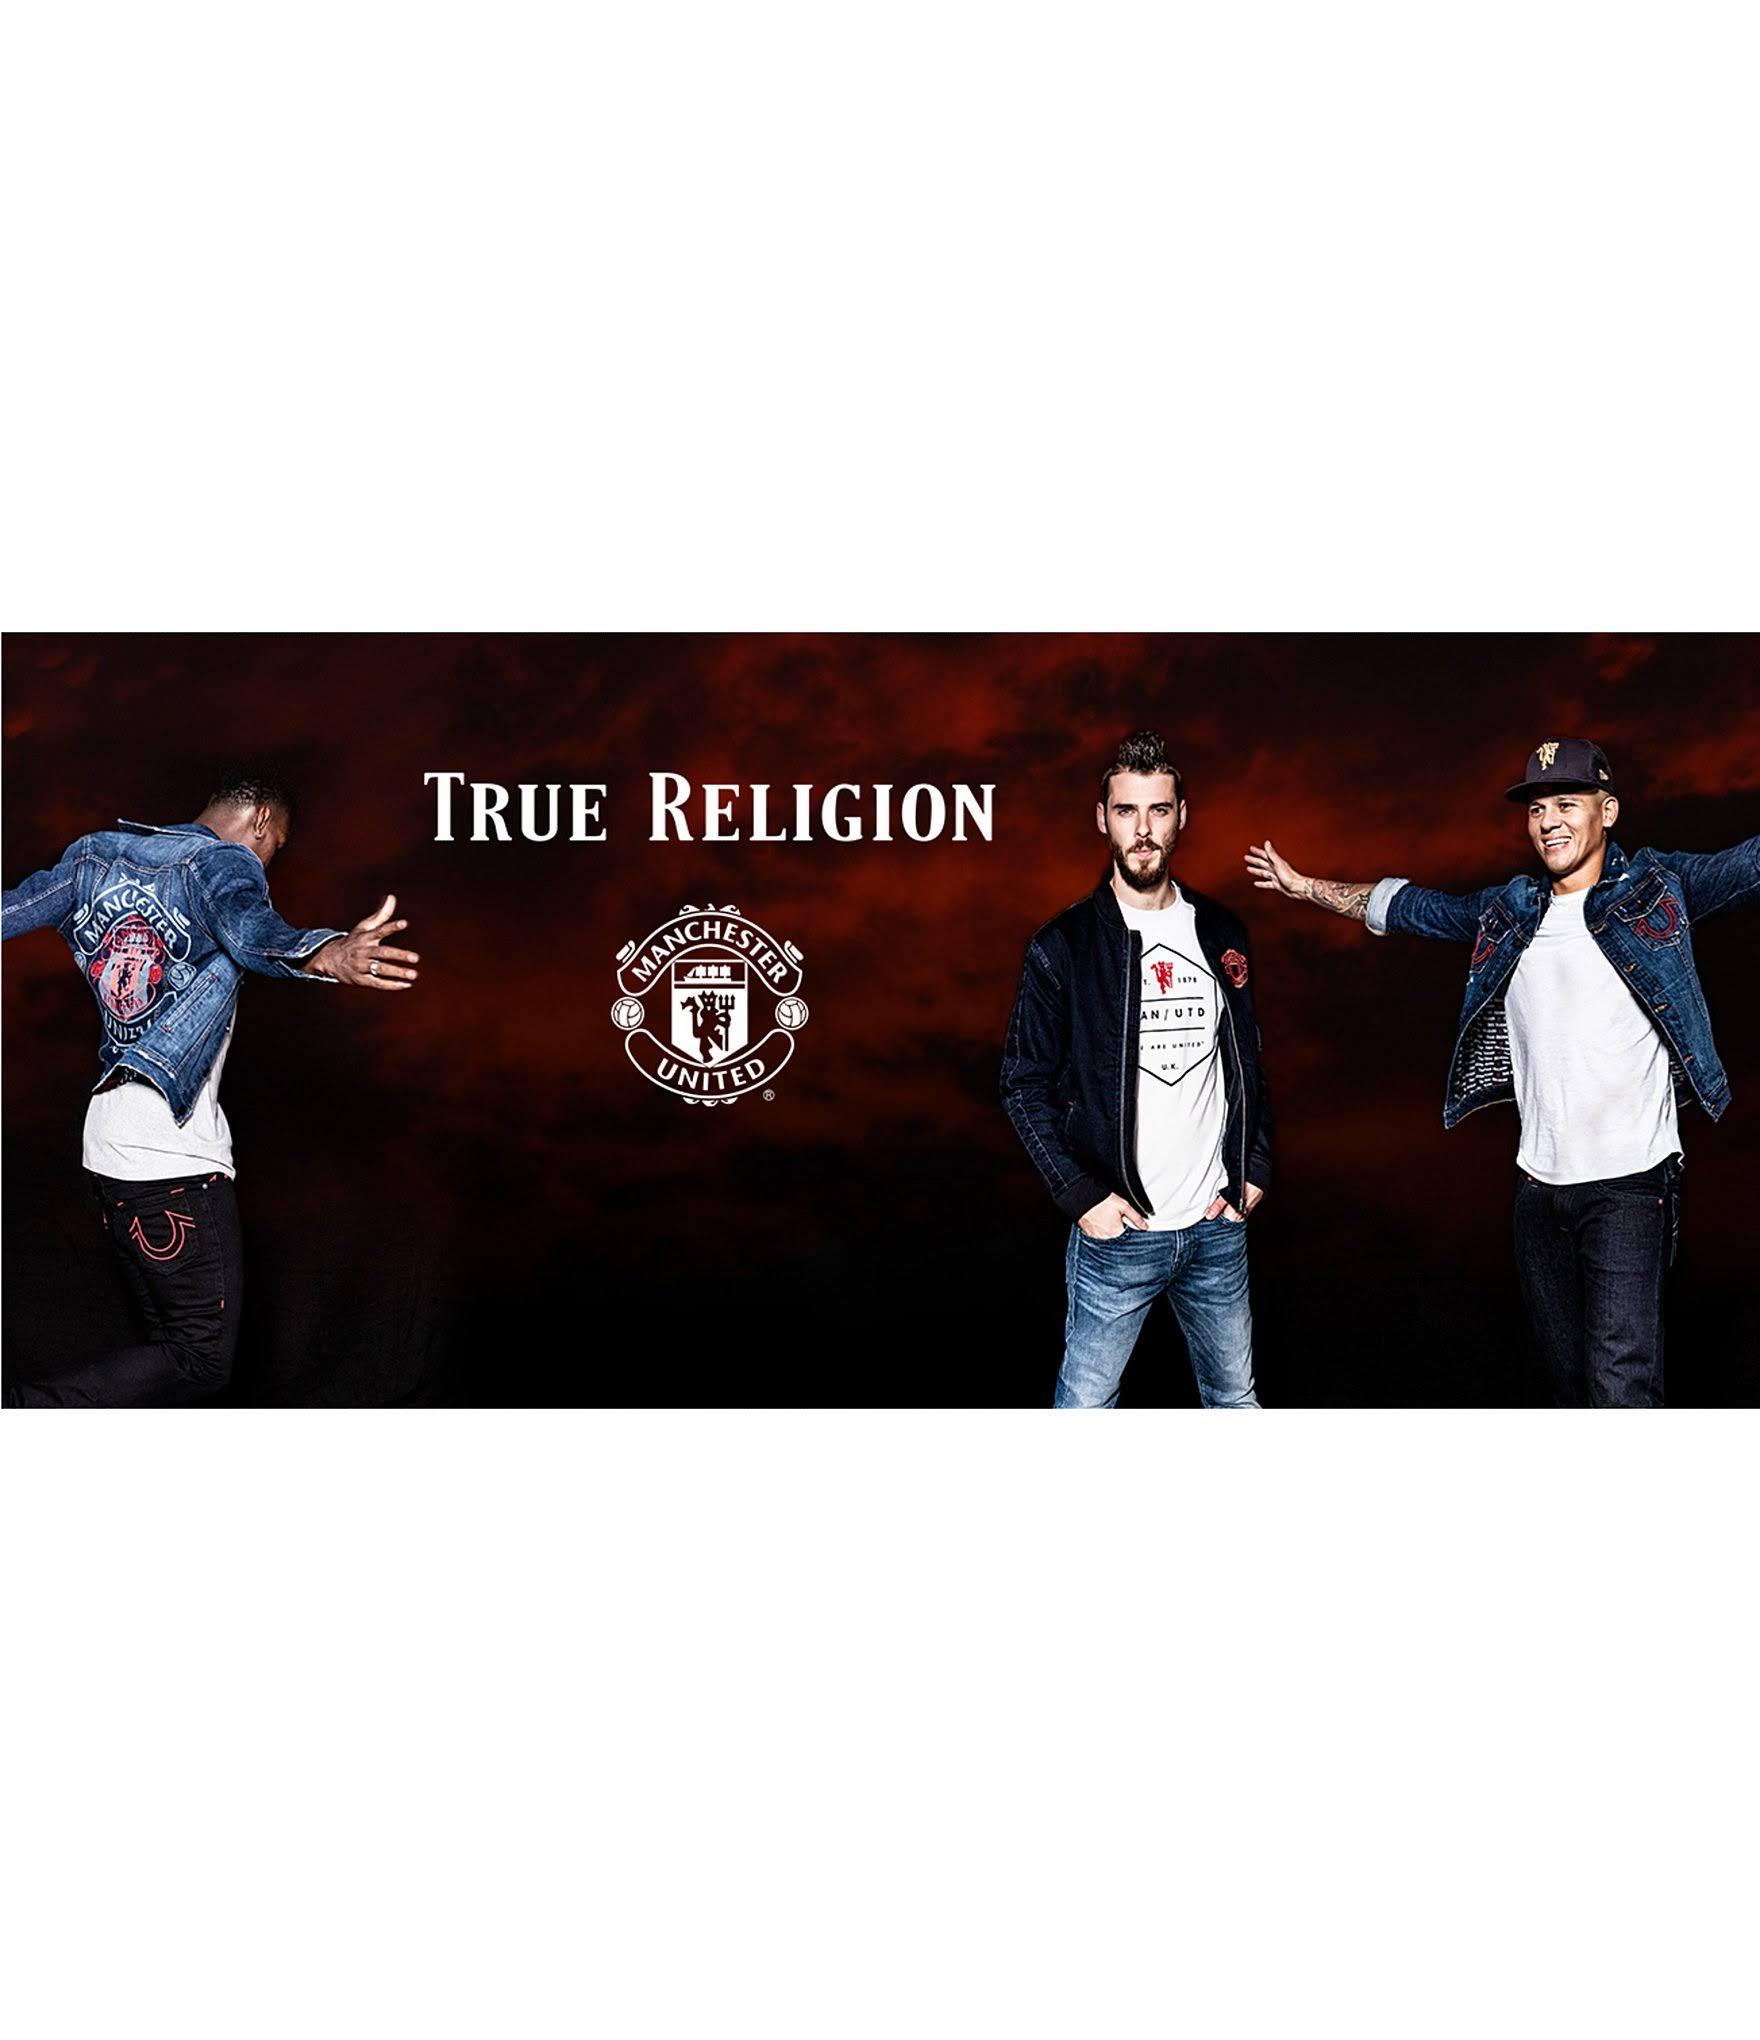 Indigo La Del Cazadora Religion Bomber M Manchester Fywd United Denim De True Colección OwxBE4xP